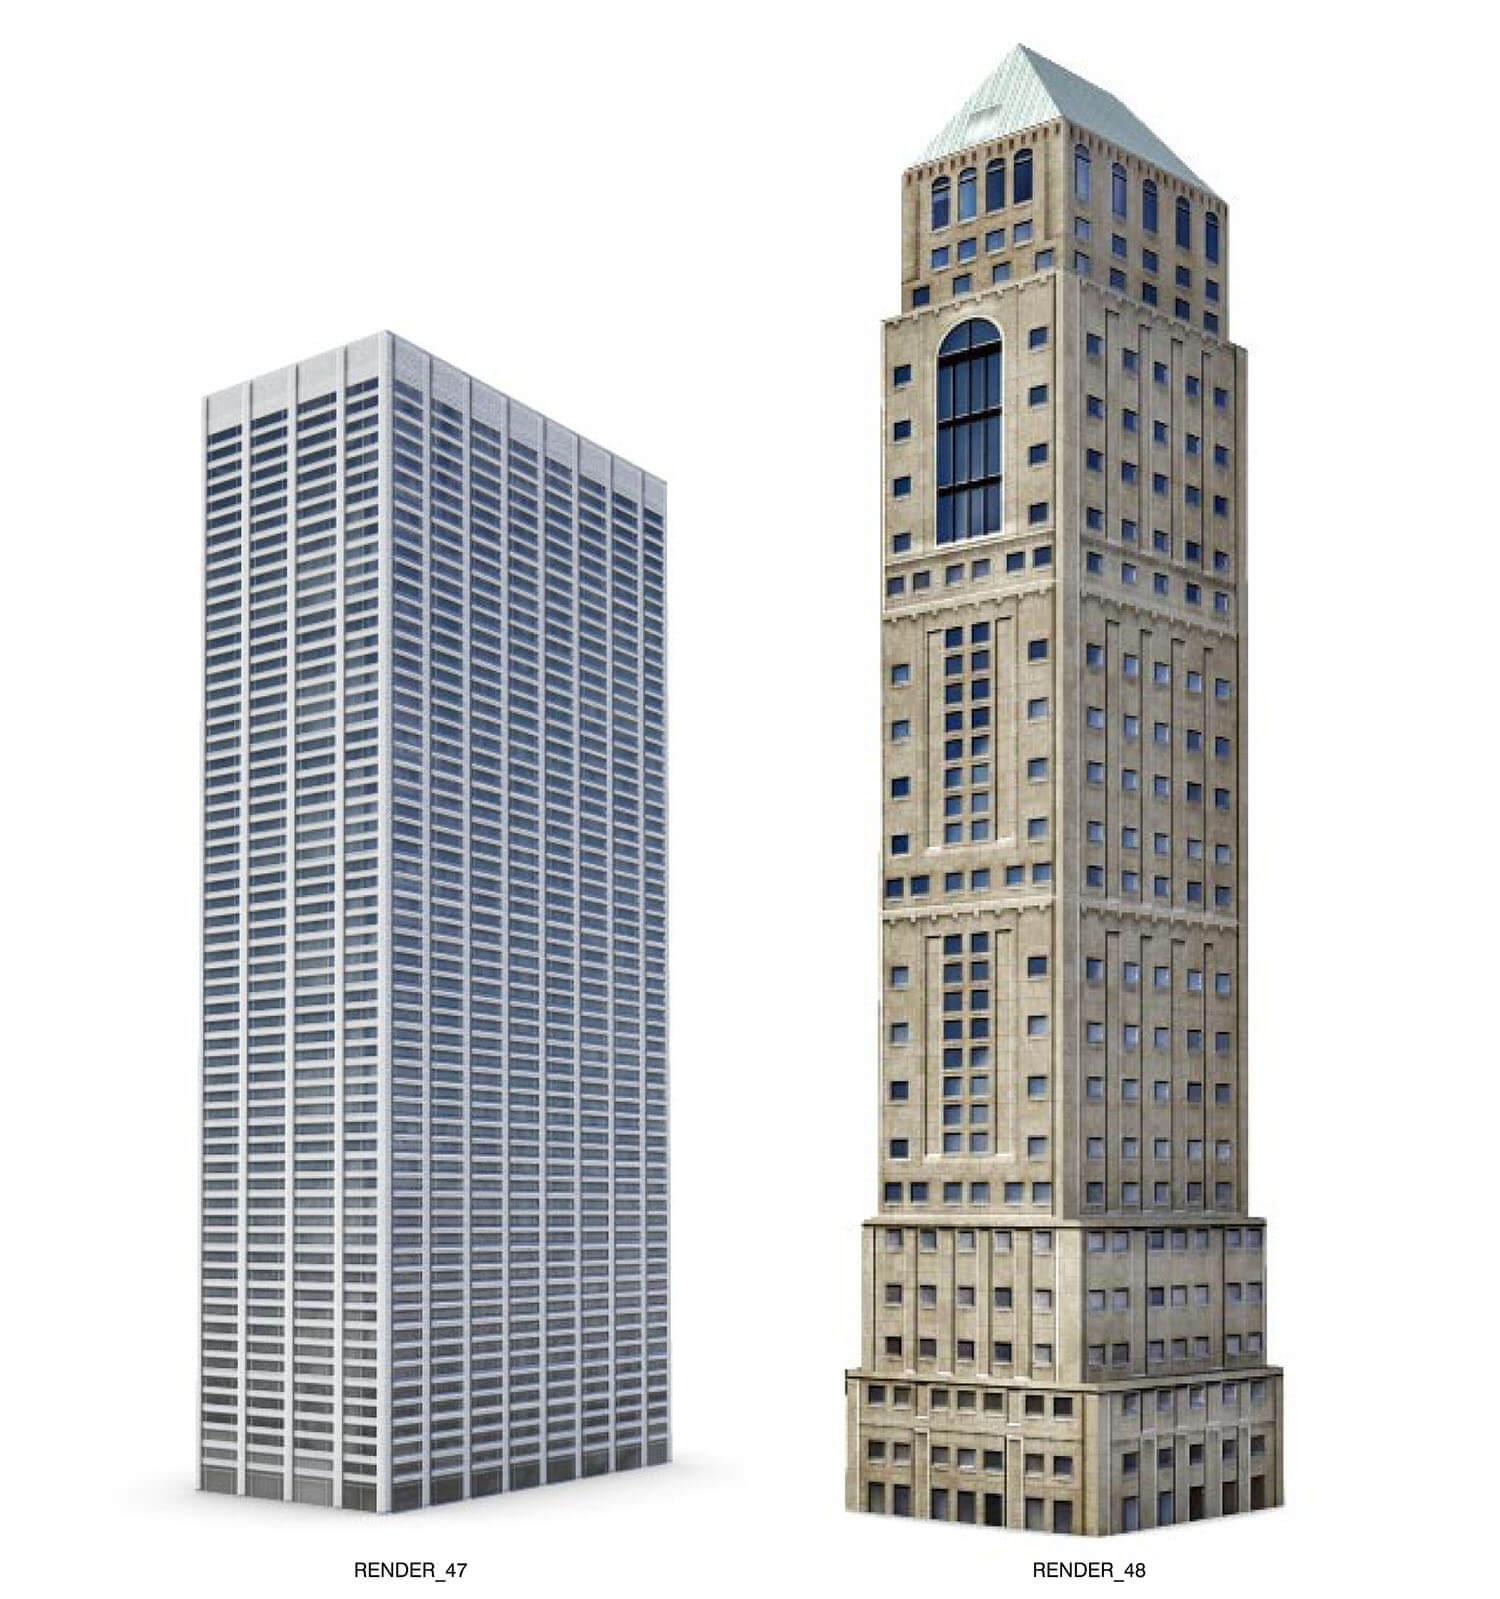 Building hiện đại và building cổ đặt cạnh nhau